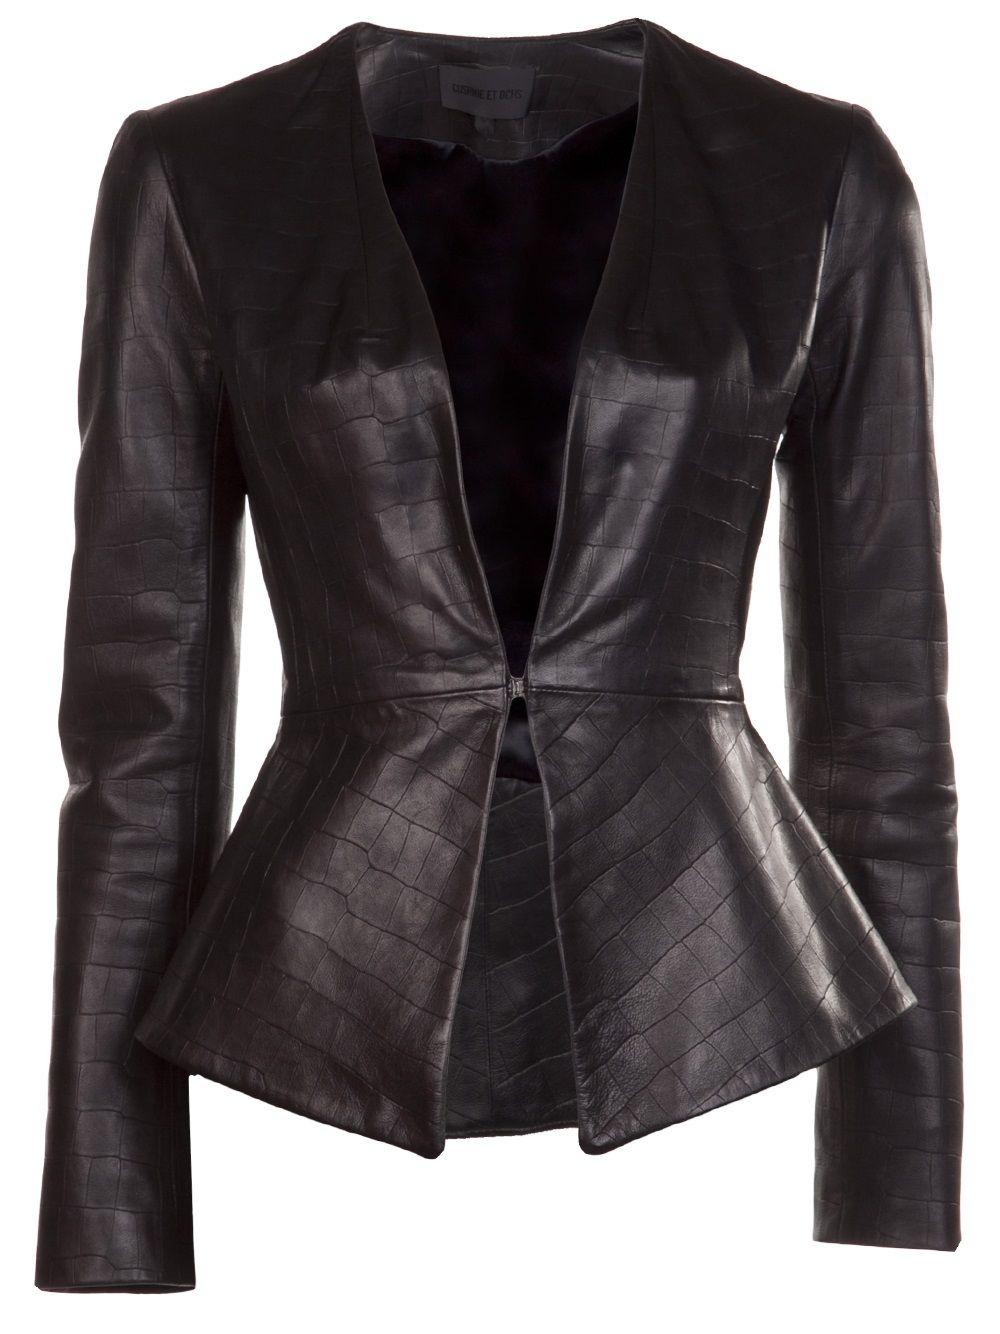 fac158aa1c0e Cushnie Et Ochs Flared Jacket - Elizabeth Charles - Farfetch.com ...